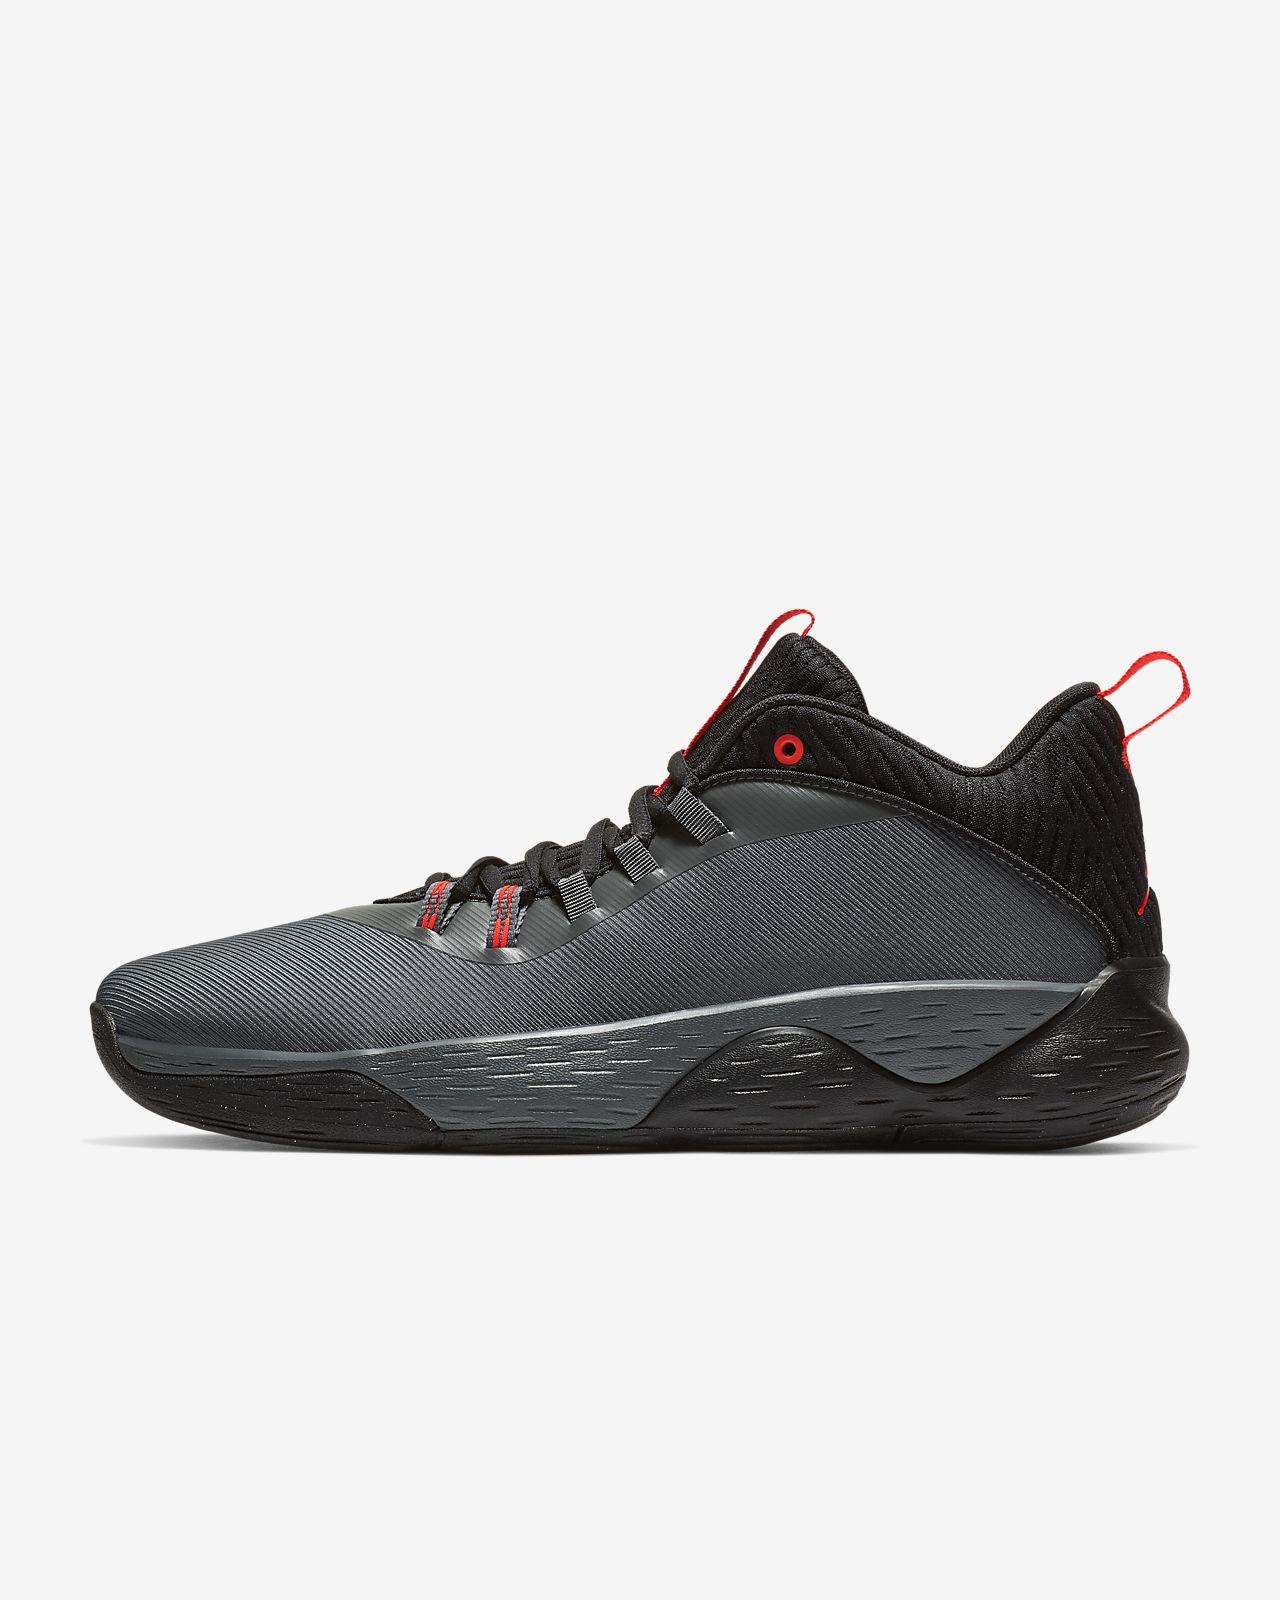 best service ba2d5 3e591 Fly MVP Low pour Homme Chaussure de basketball Jordan Super.Fly MVP Low  pour Homme